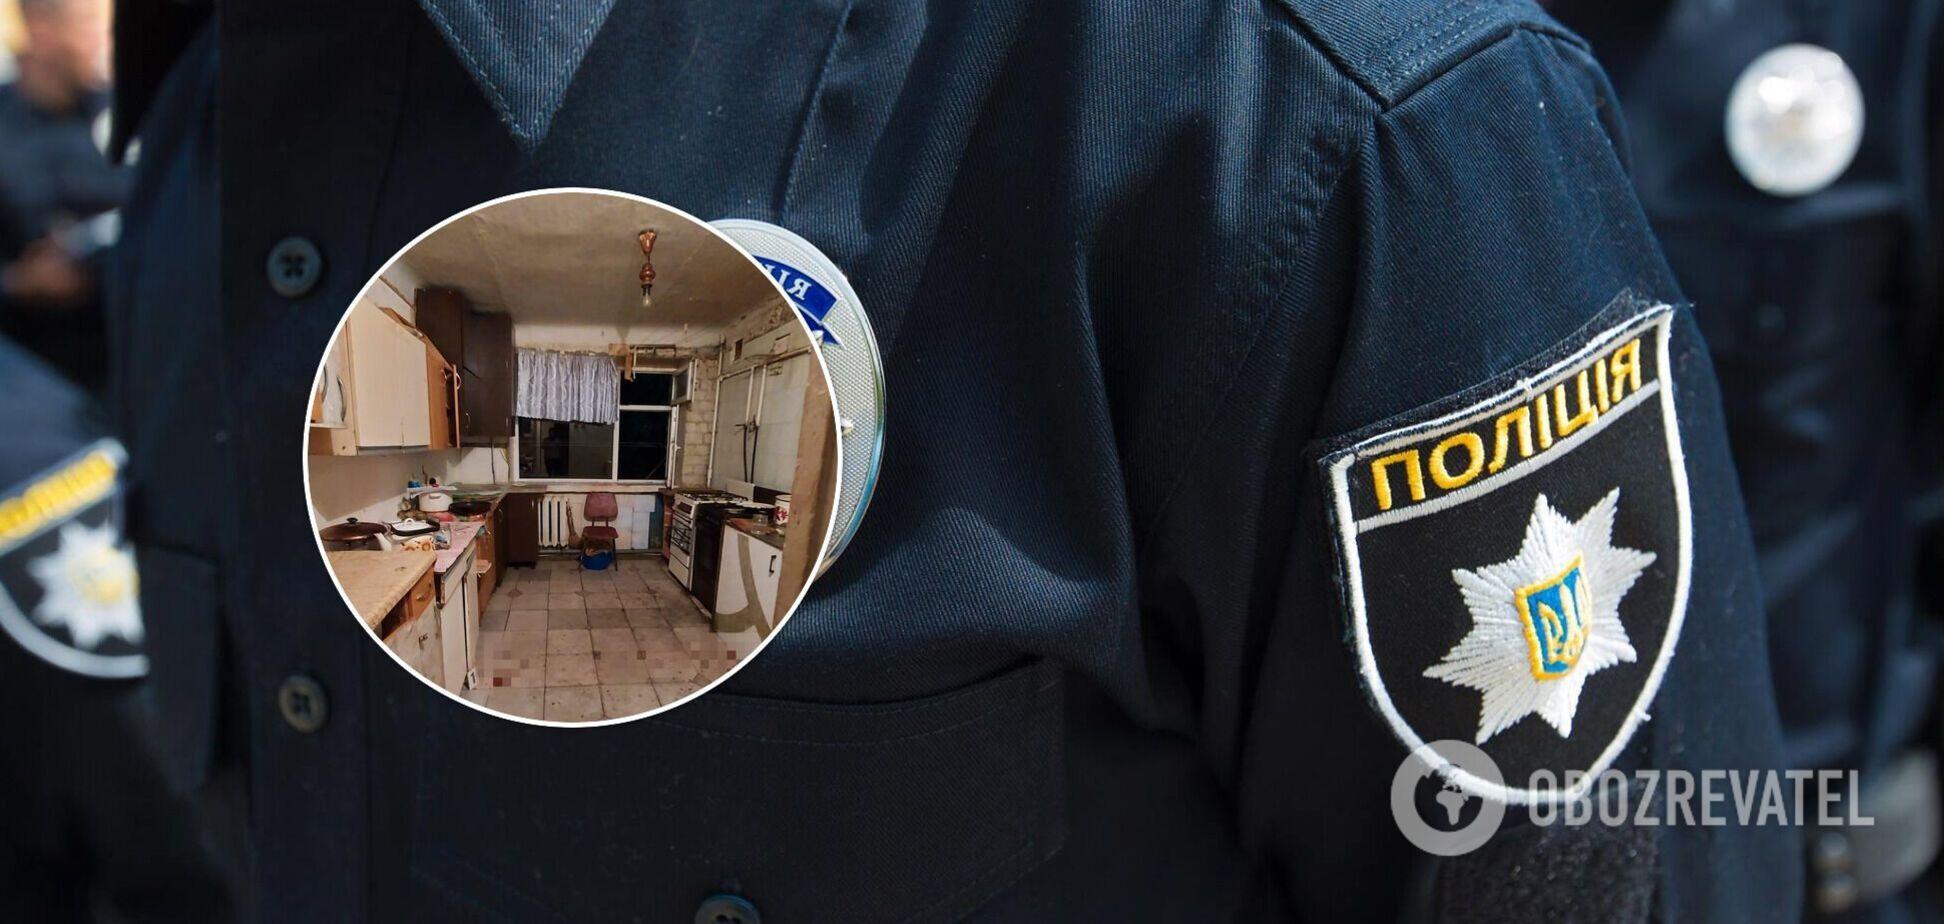 Под Харьковом мужчина до смерти избил сожительницу. Фото